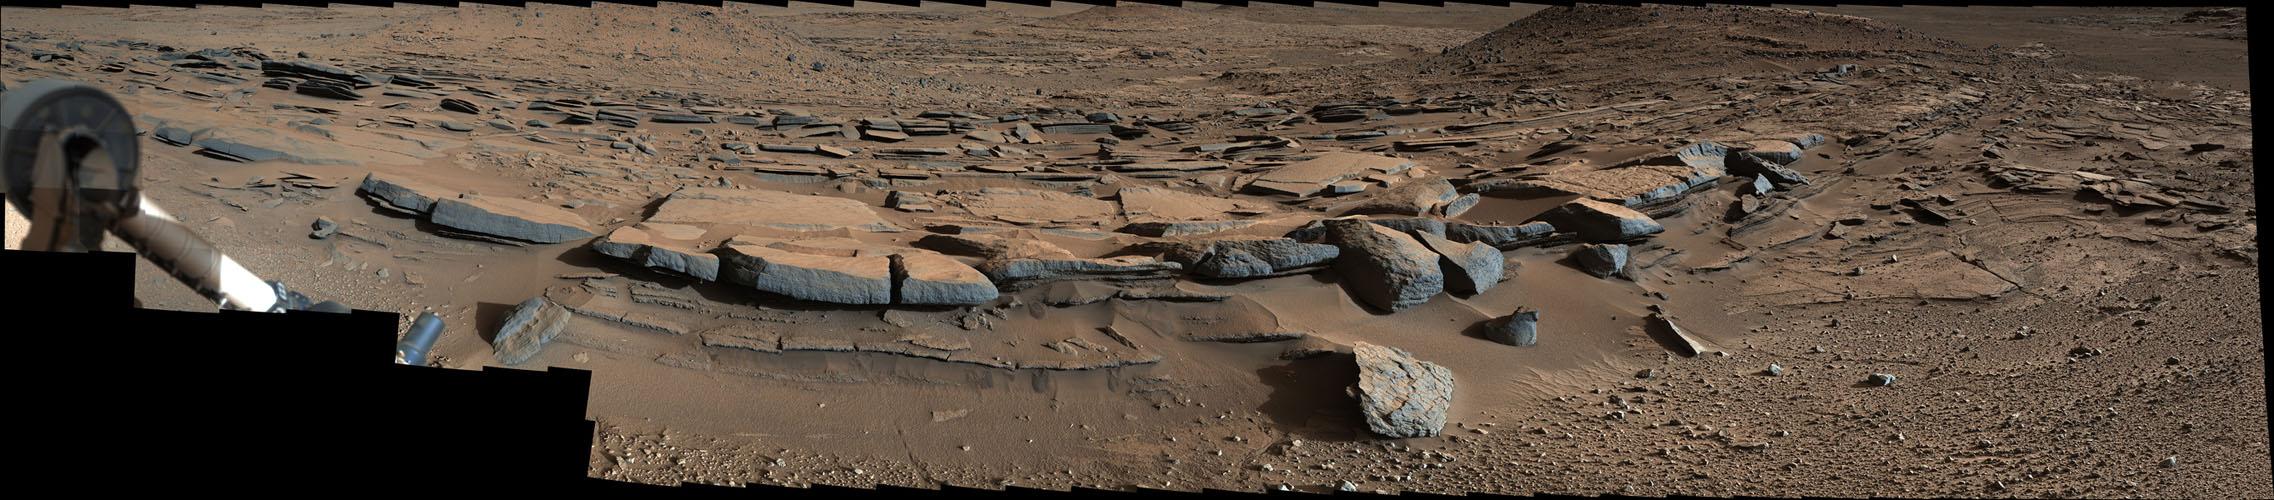 Mars rover mastcam